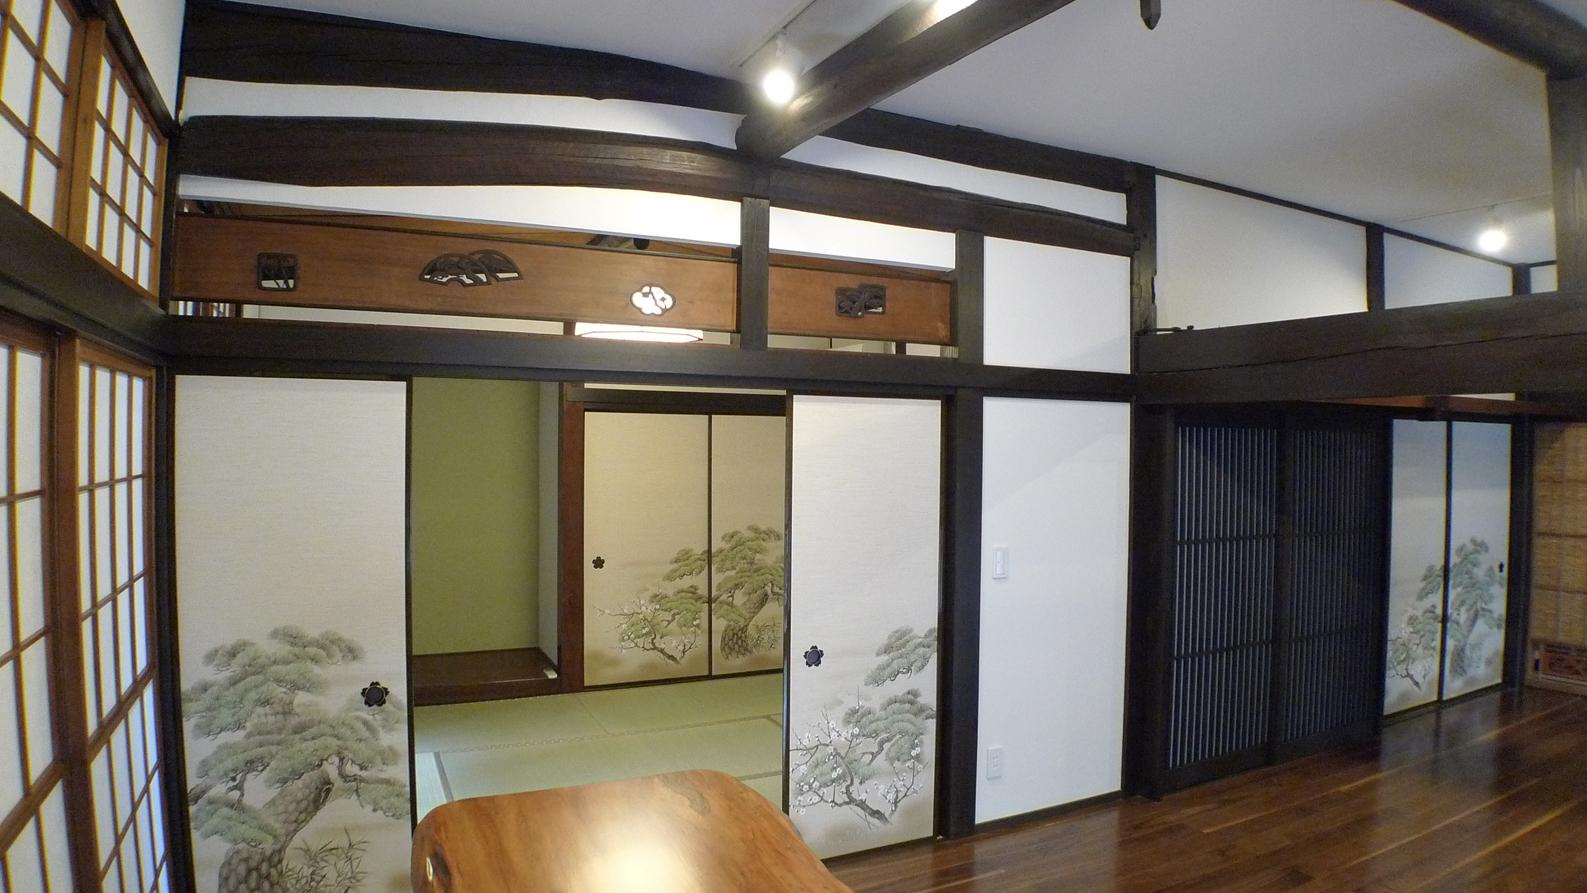 壁に隠れていた欄間をあらわし和室は床の間を活かした松の襖が合う雰囲気に